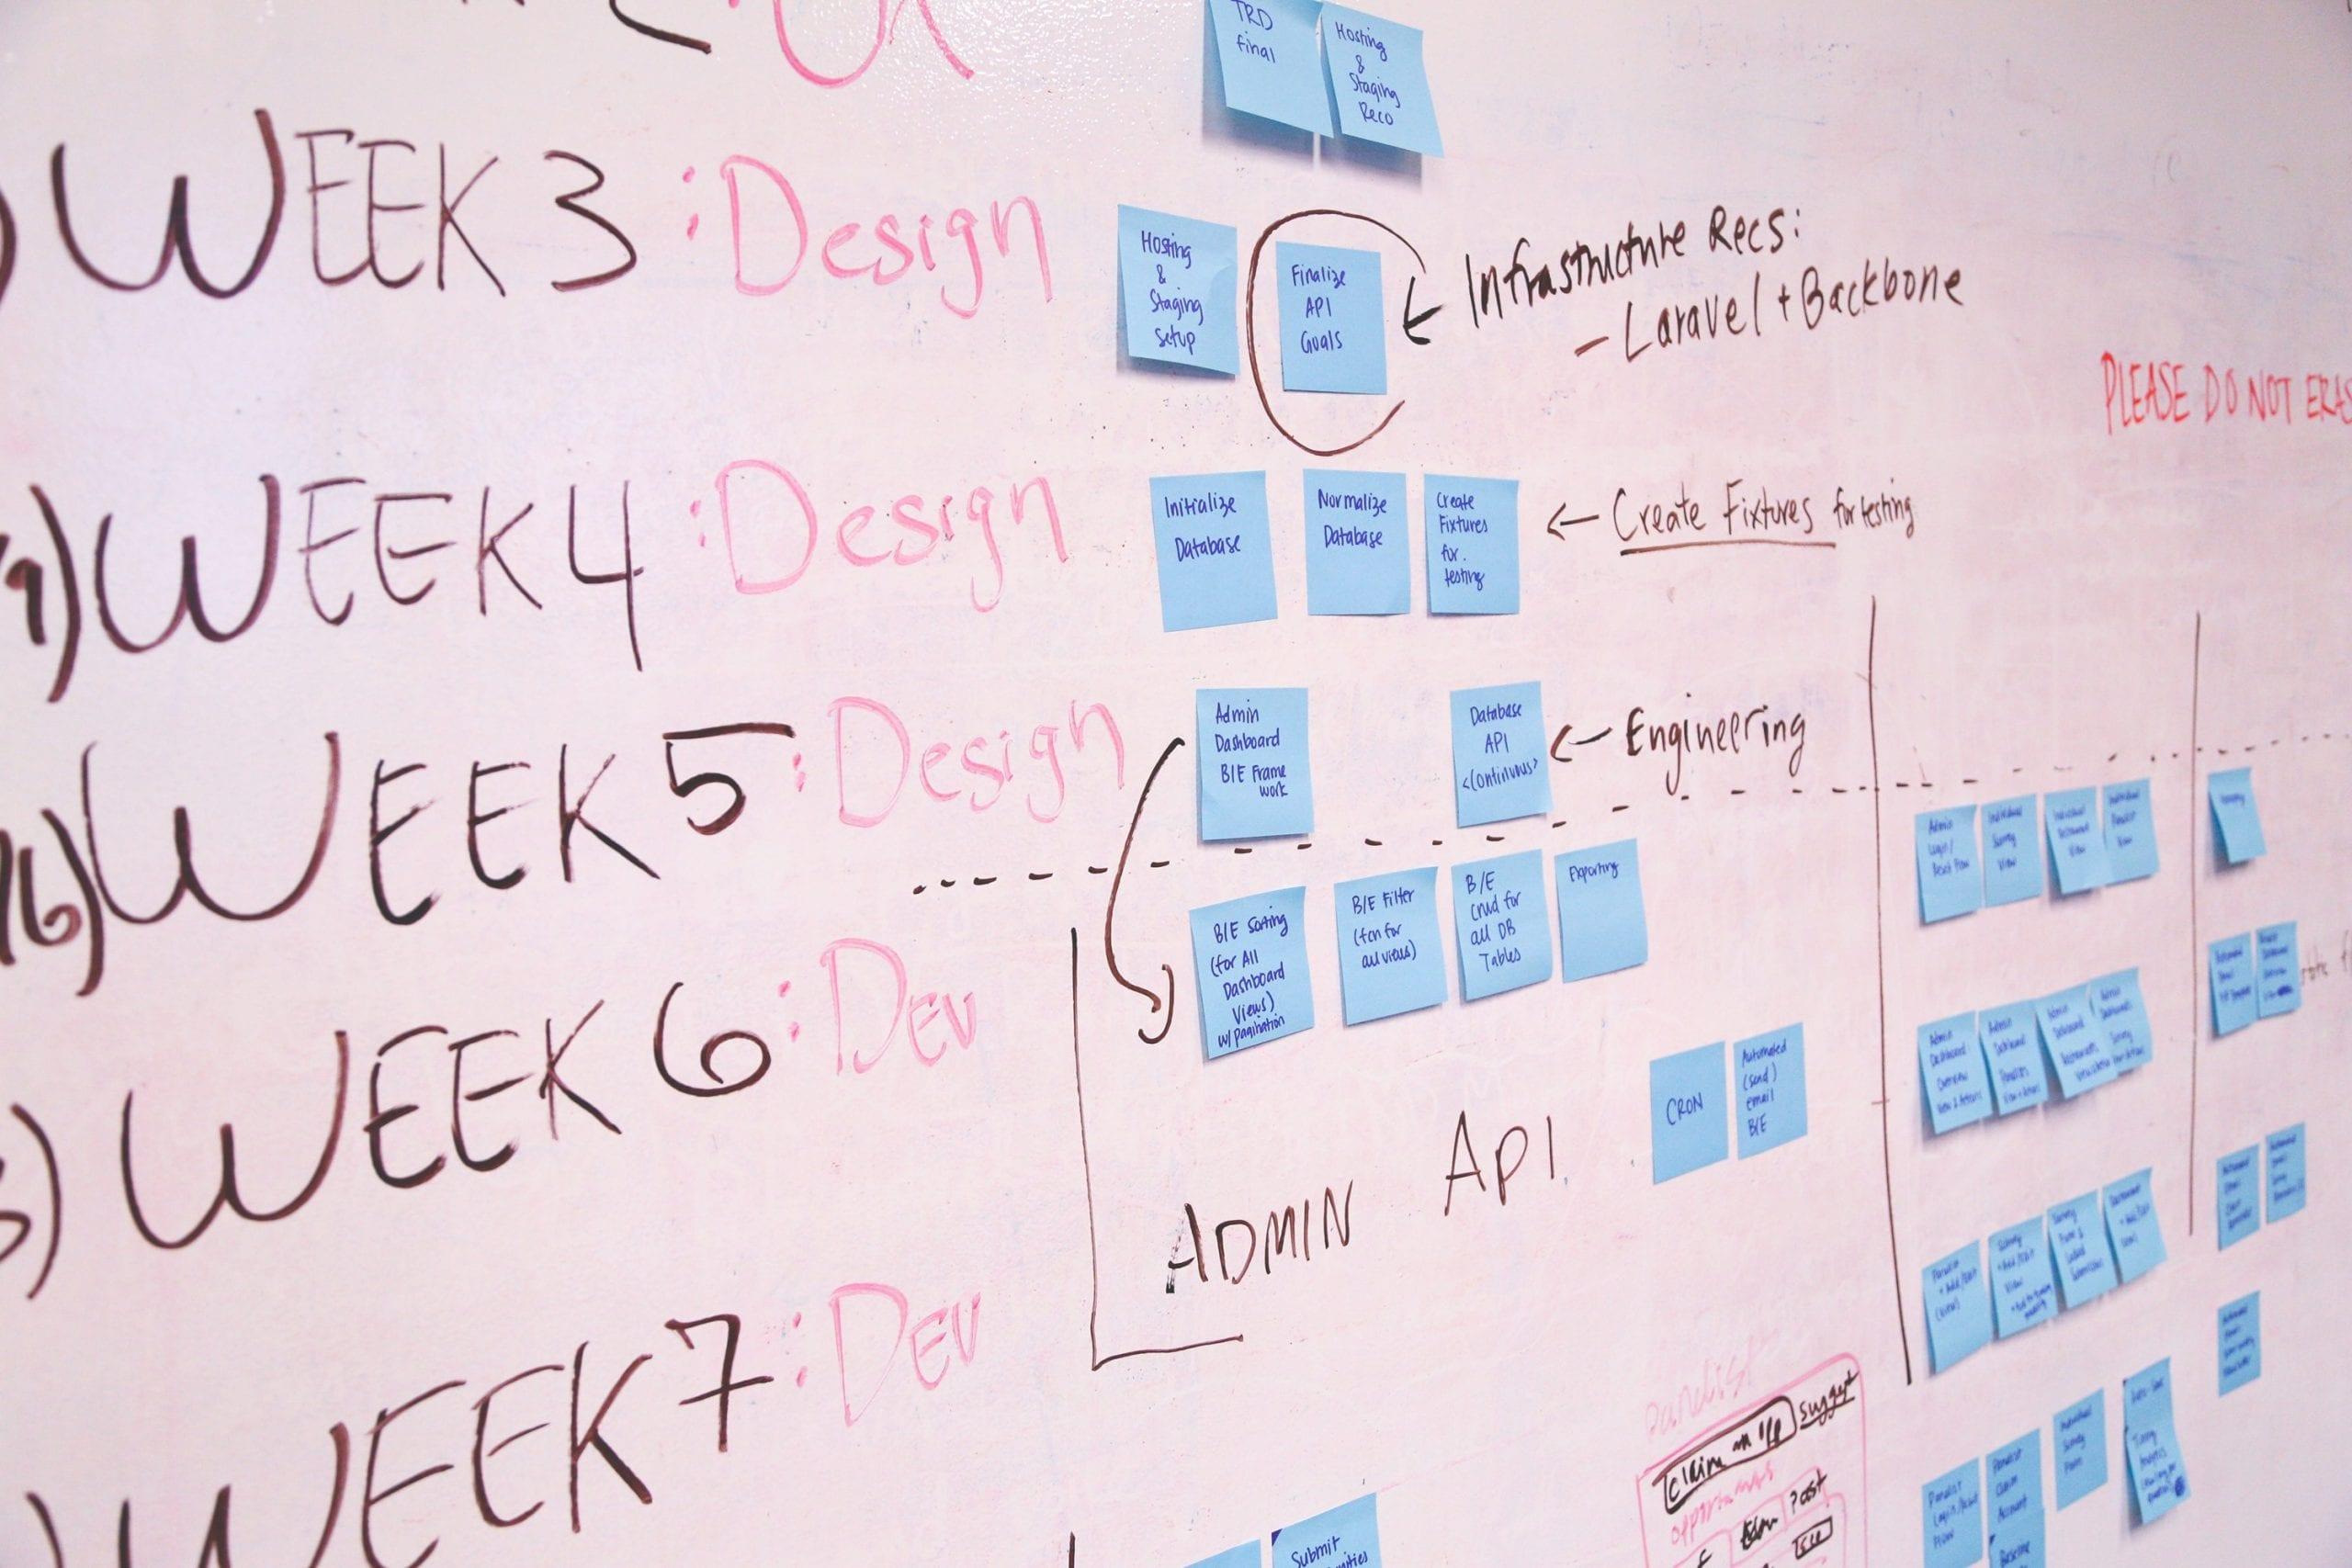 Week by week plan on a whiteboard